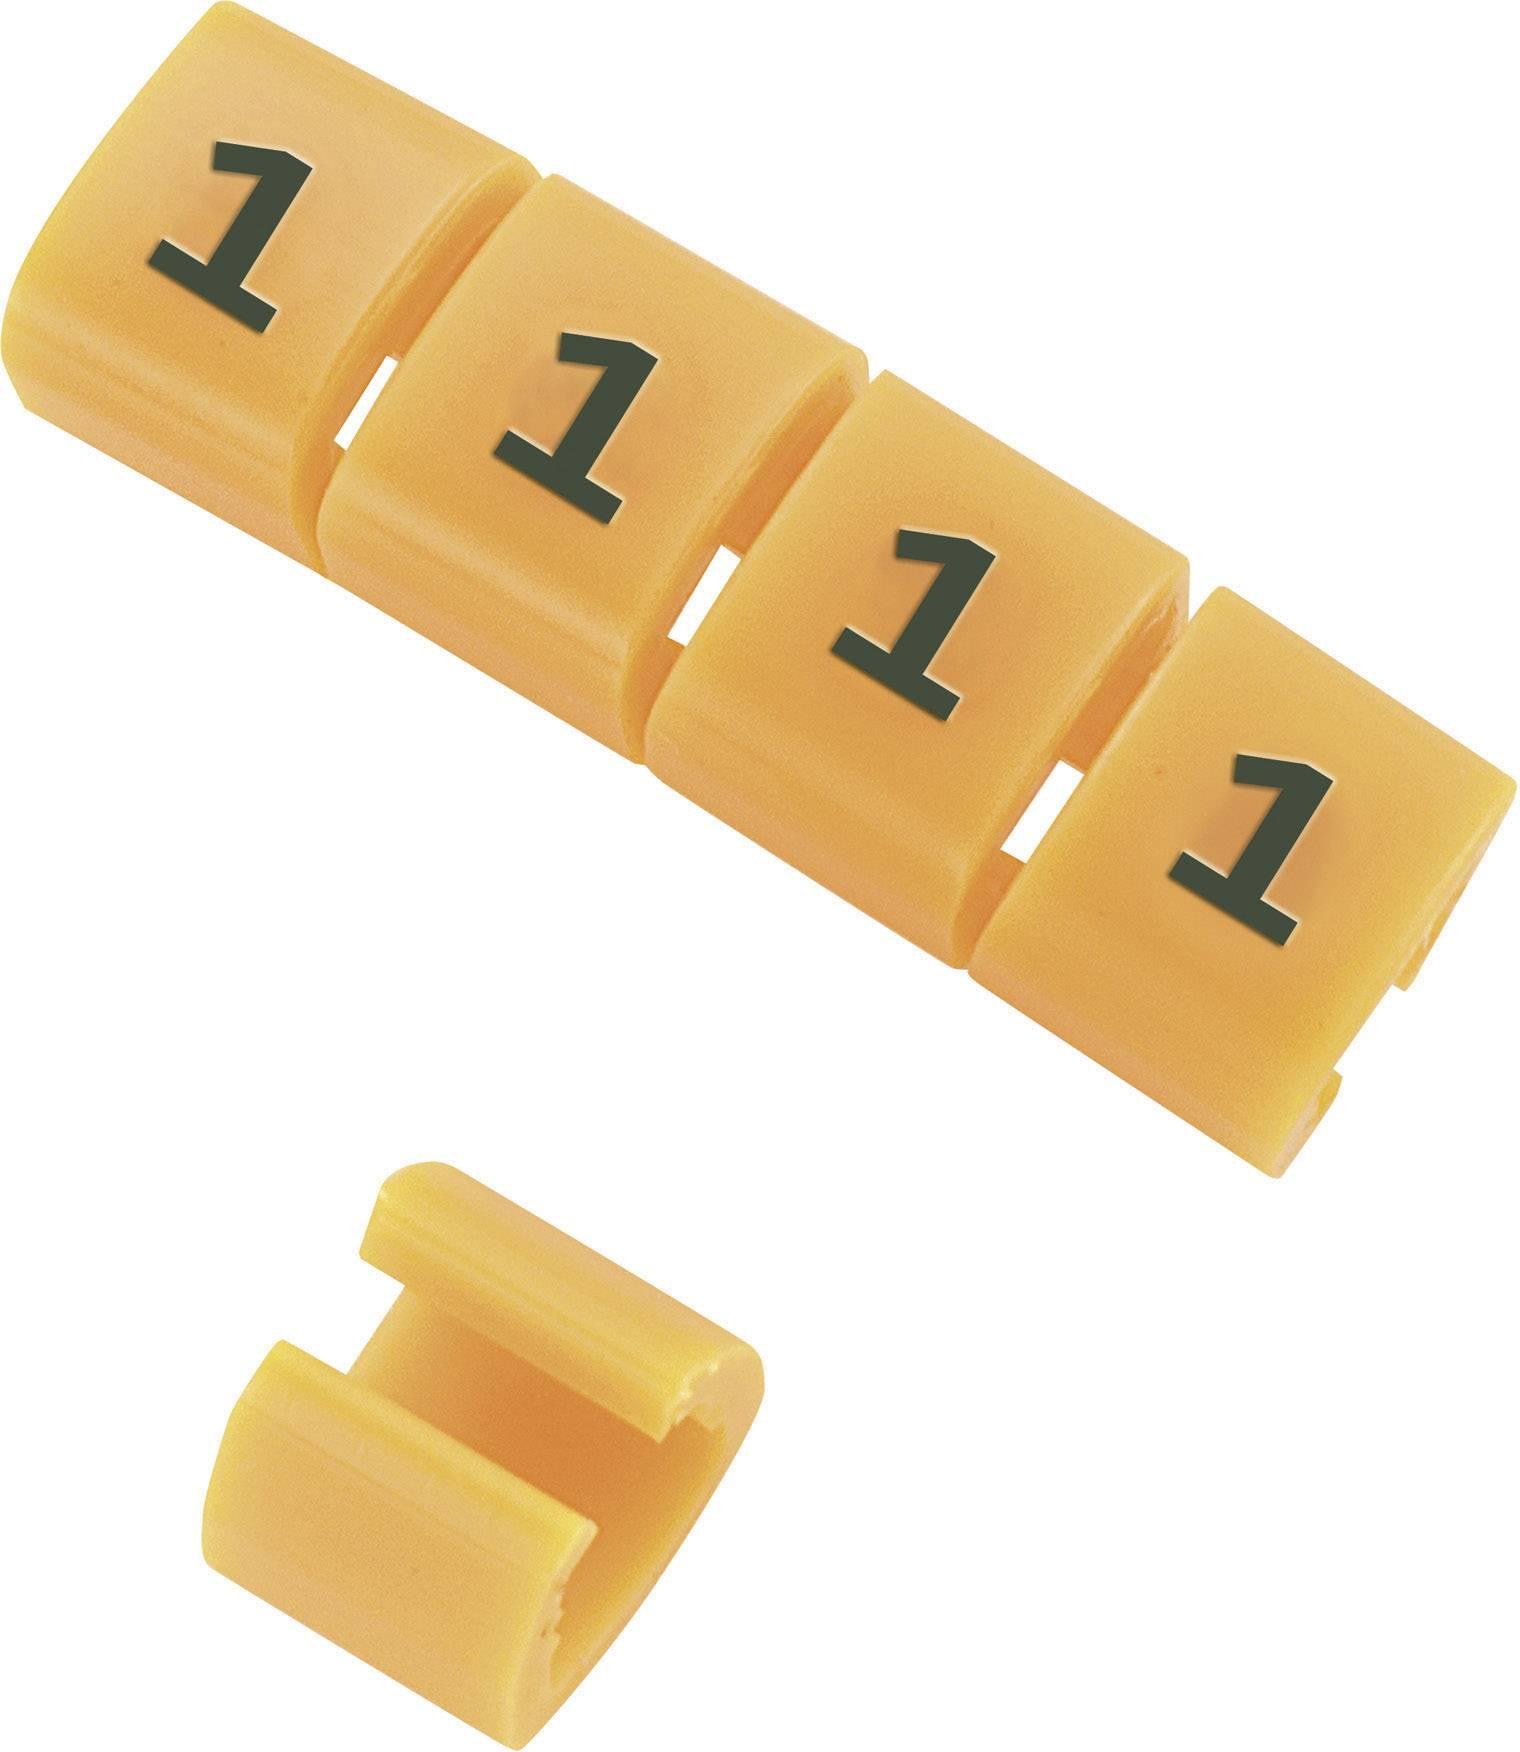 Označovacie objímka na káble KSS MB1/5, oranžová, 10 ks